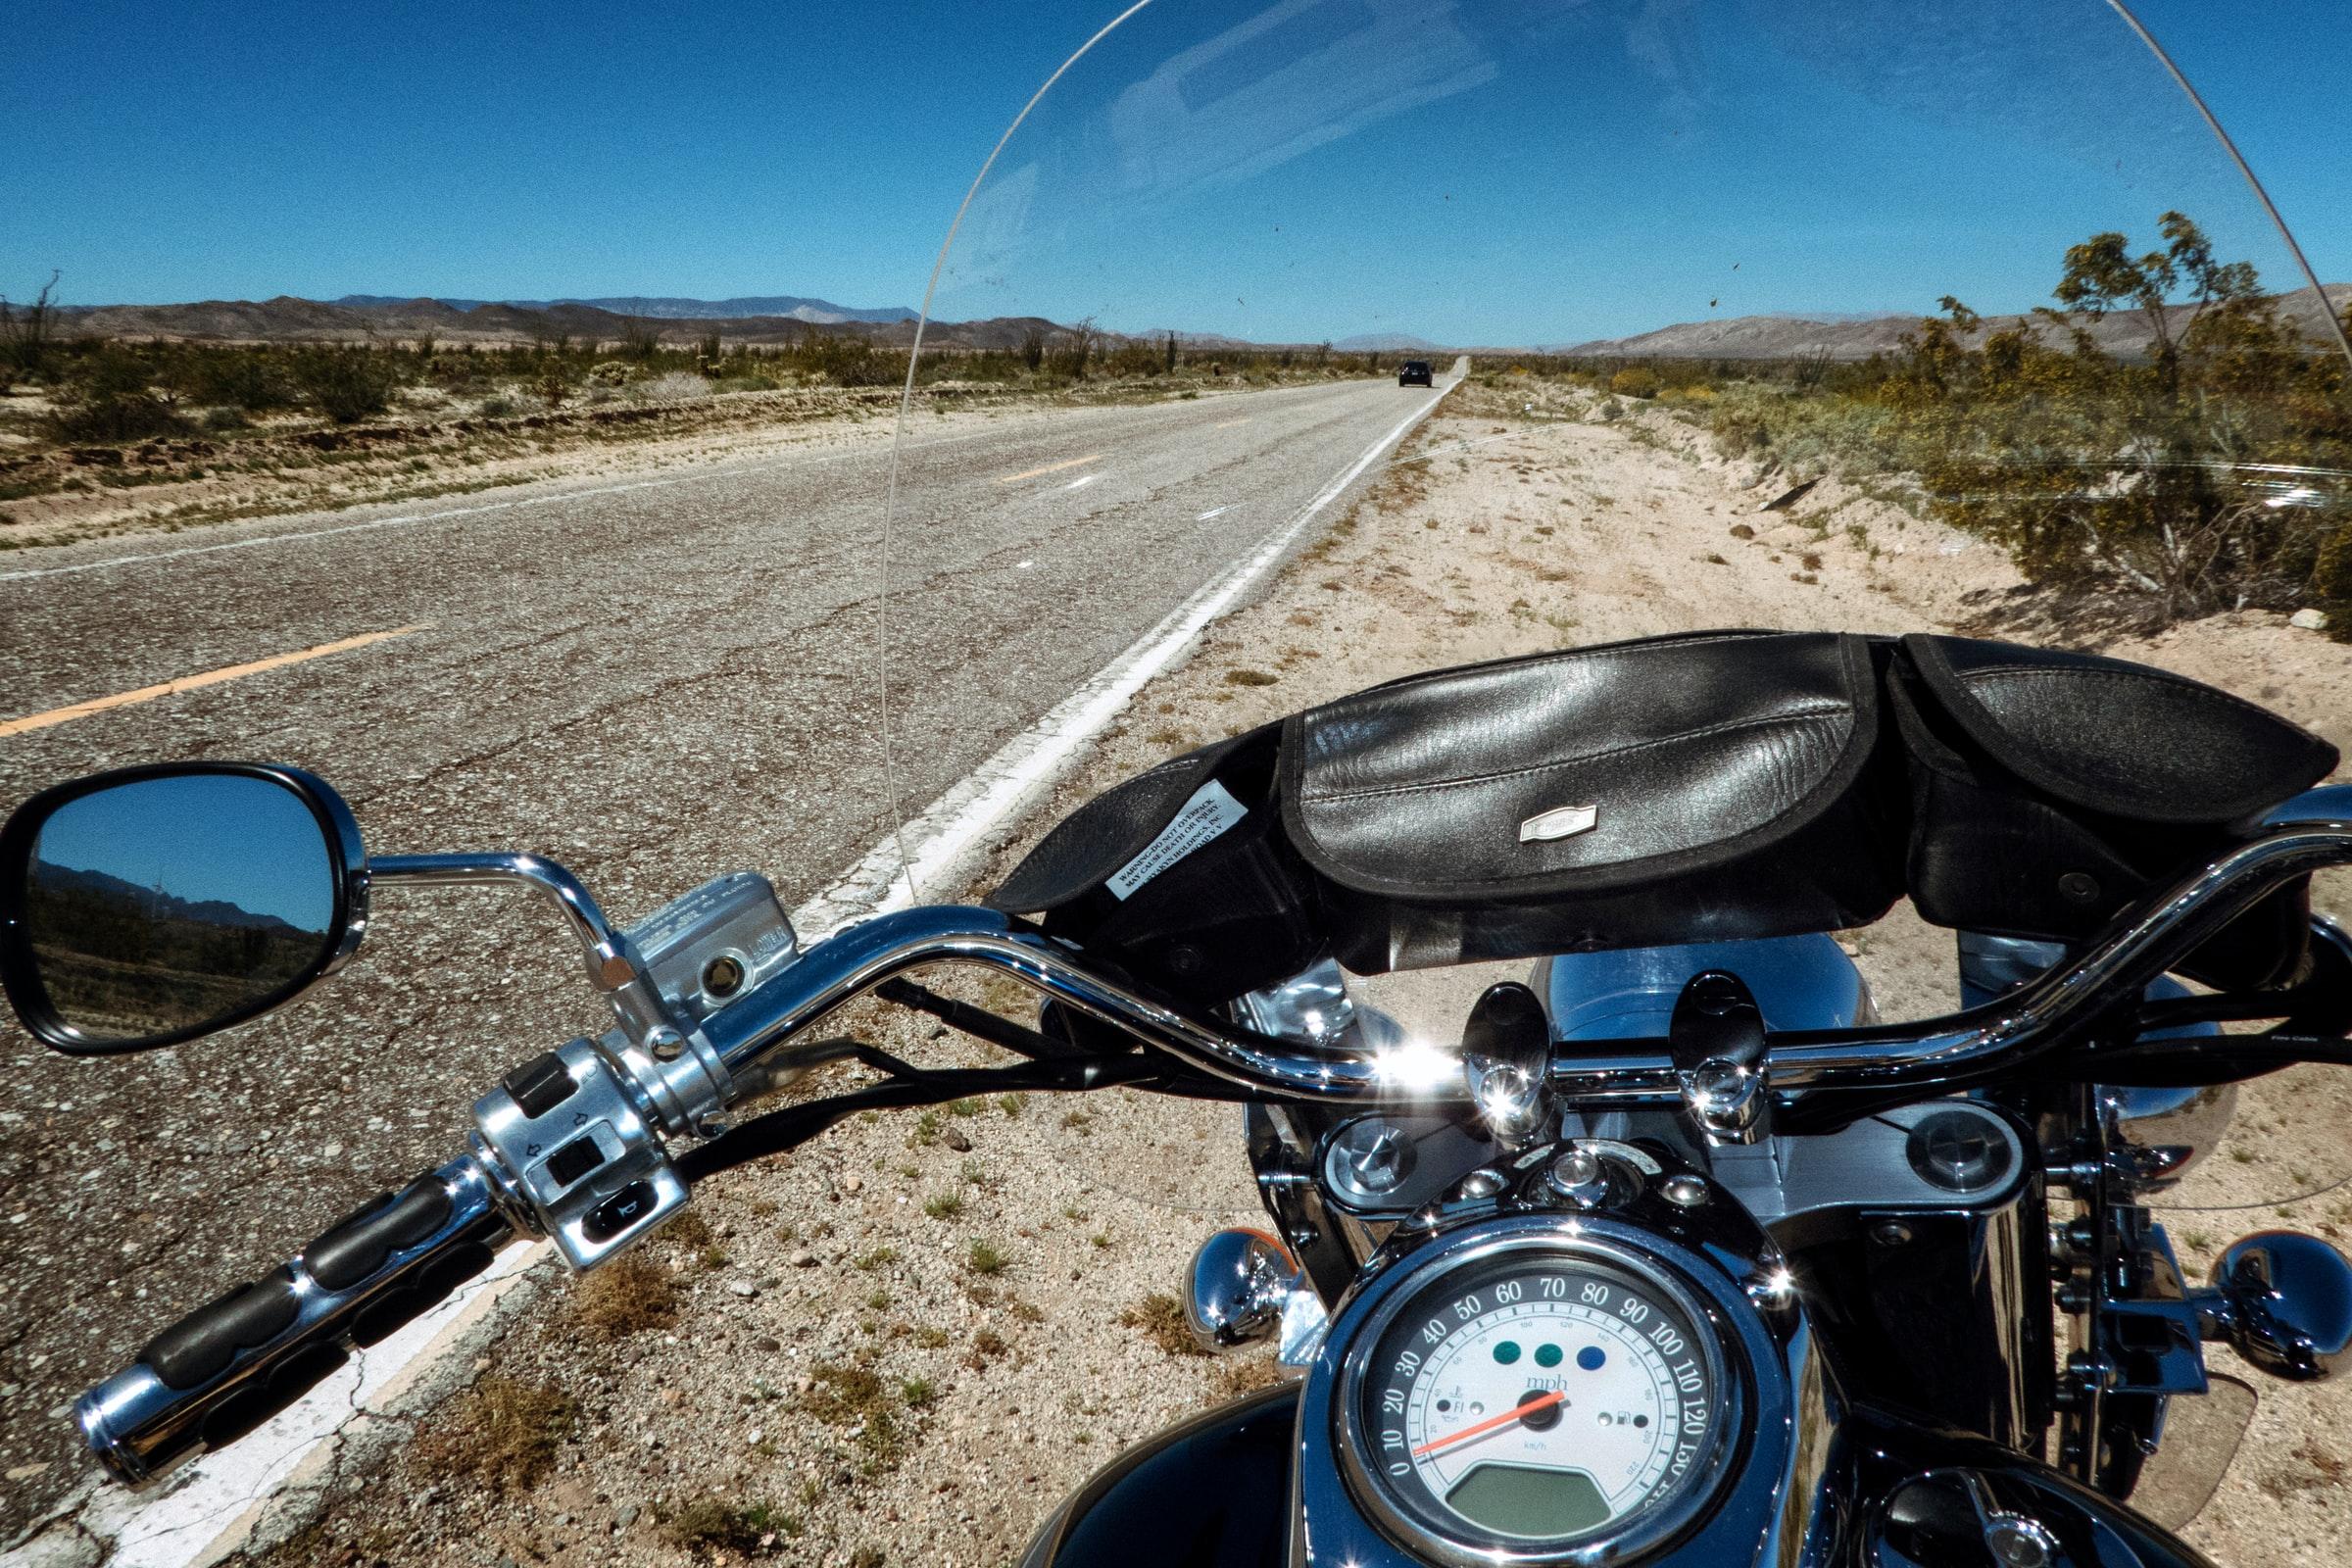 Motocyklowe spotkanie – jak się przygotować?